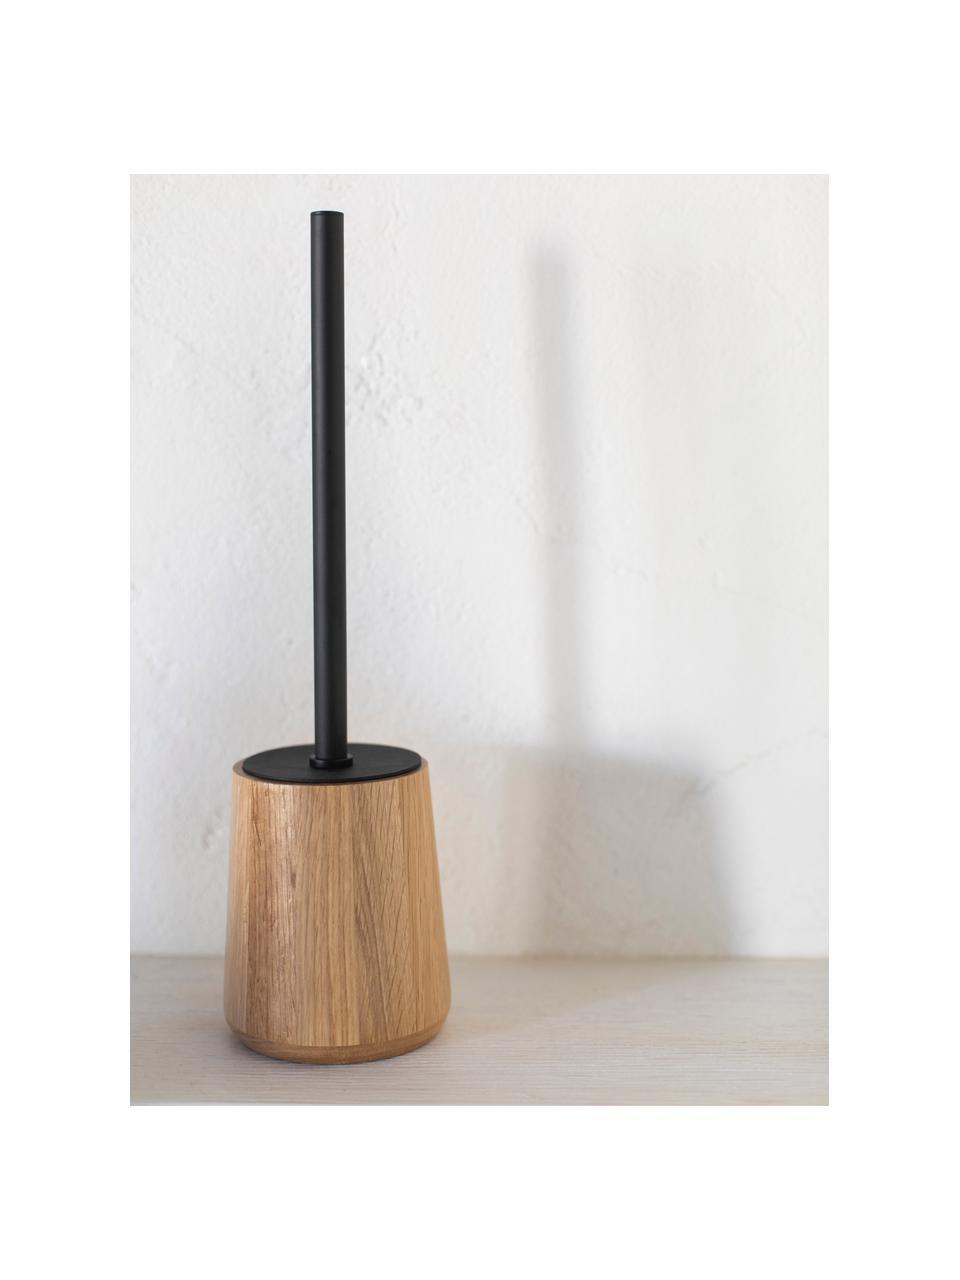 Szczotka toaletowa Battersea, Drewno dębowe, czarny, Ø 11 cm